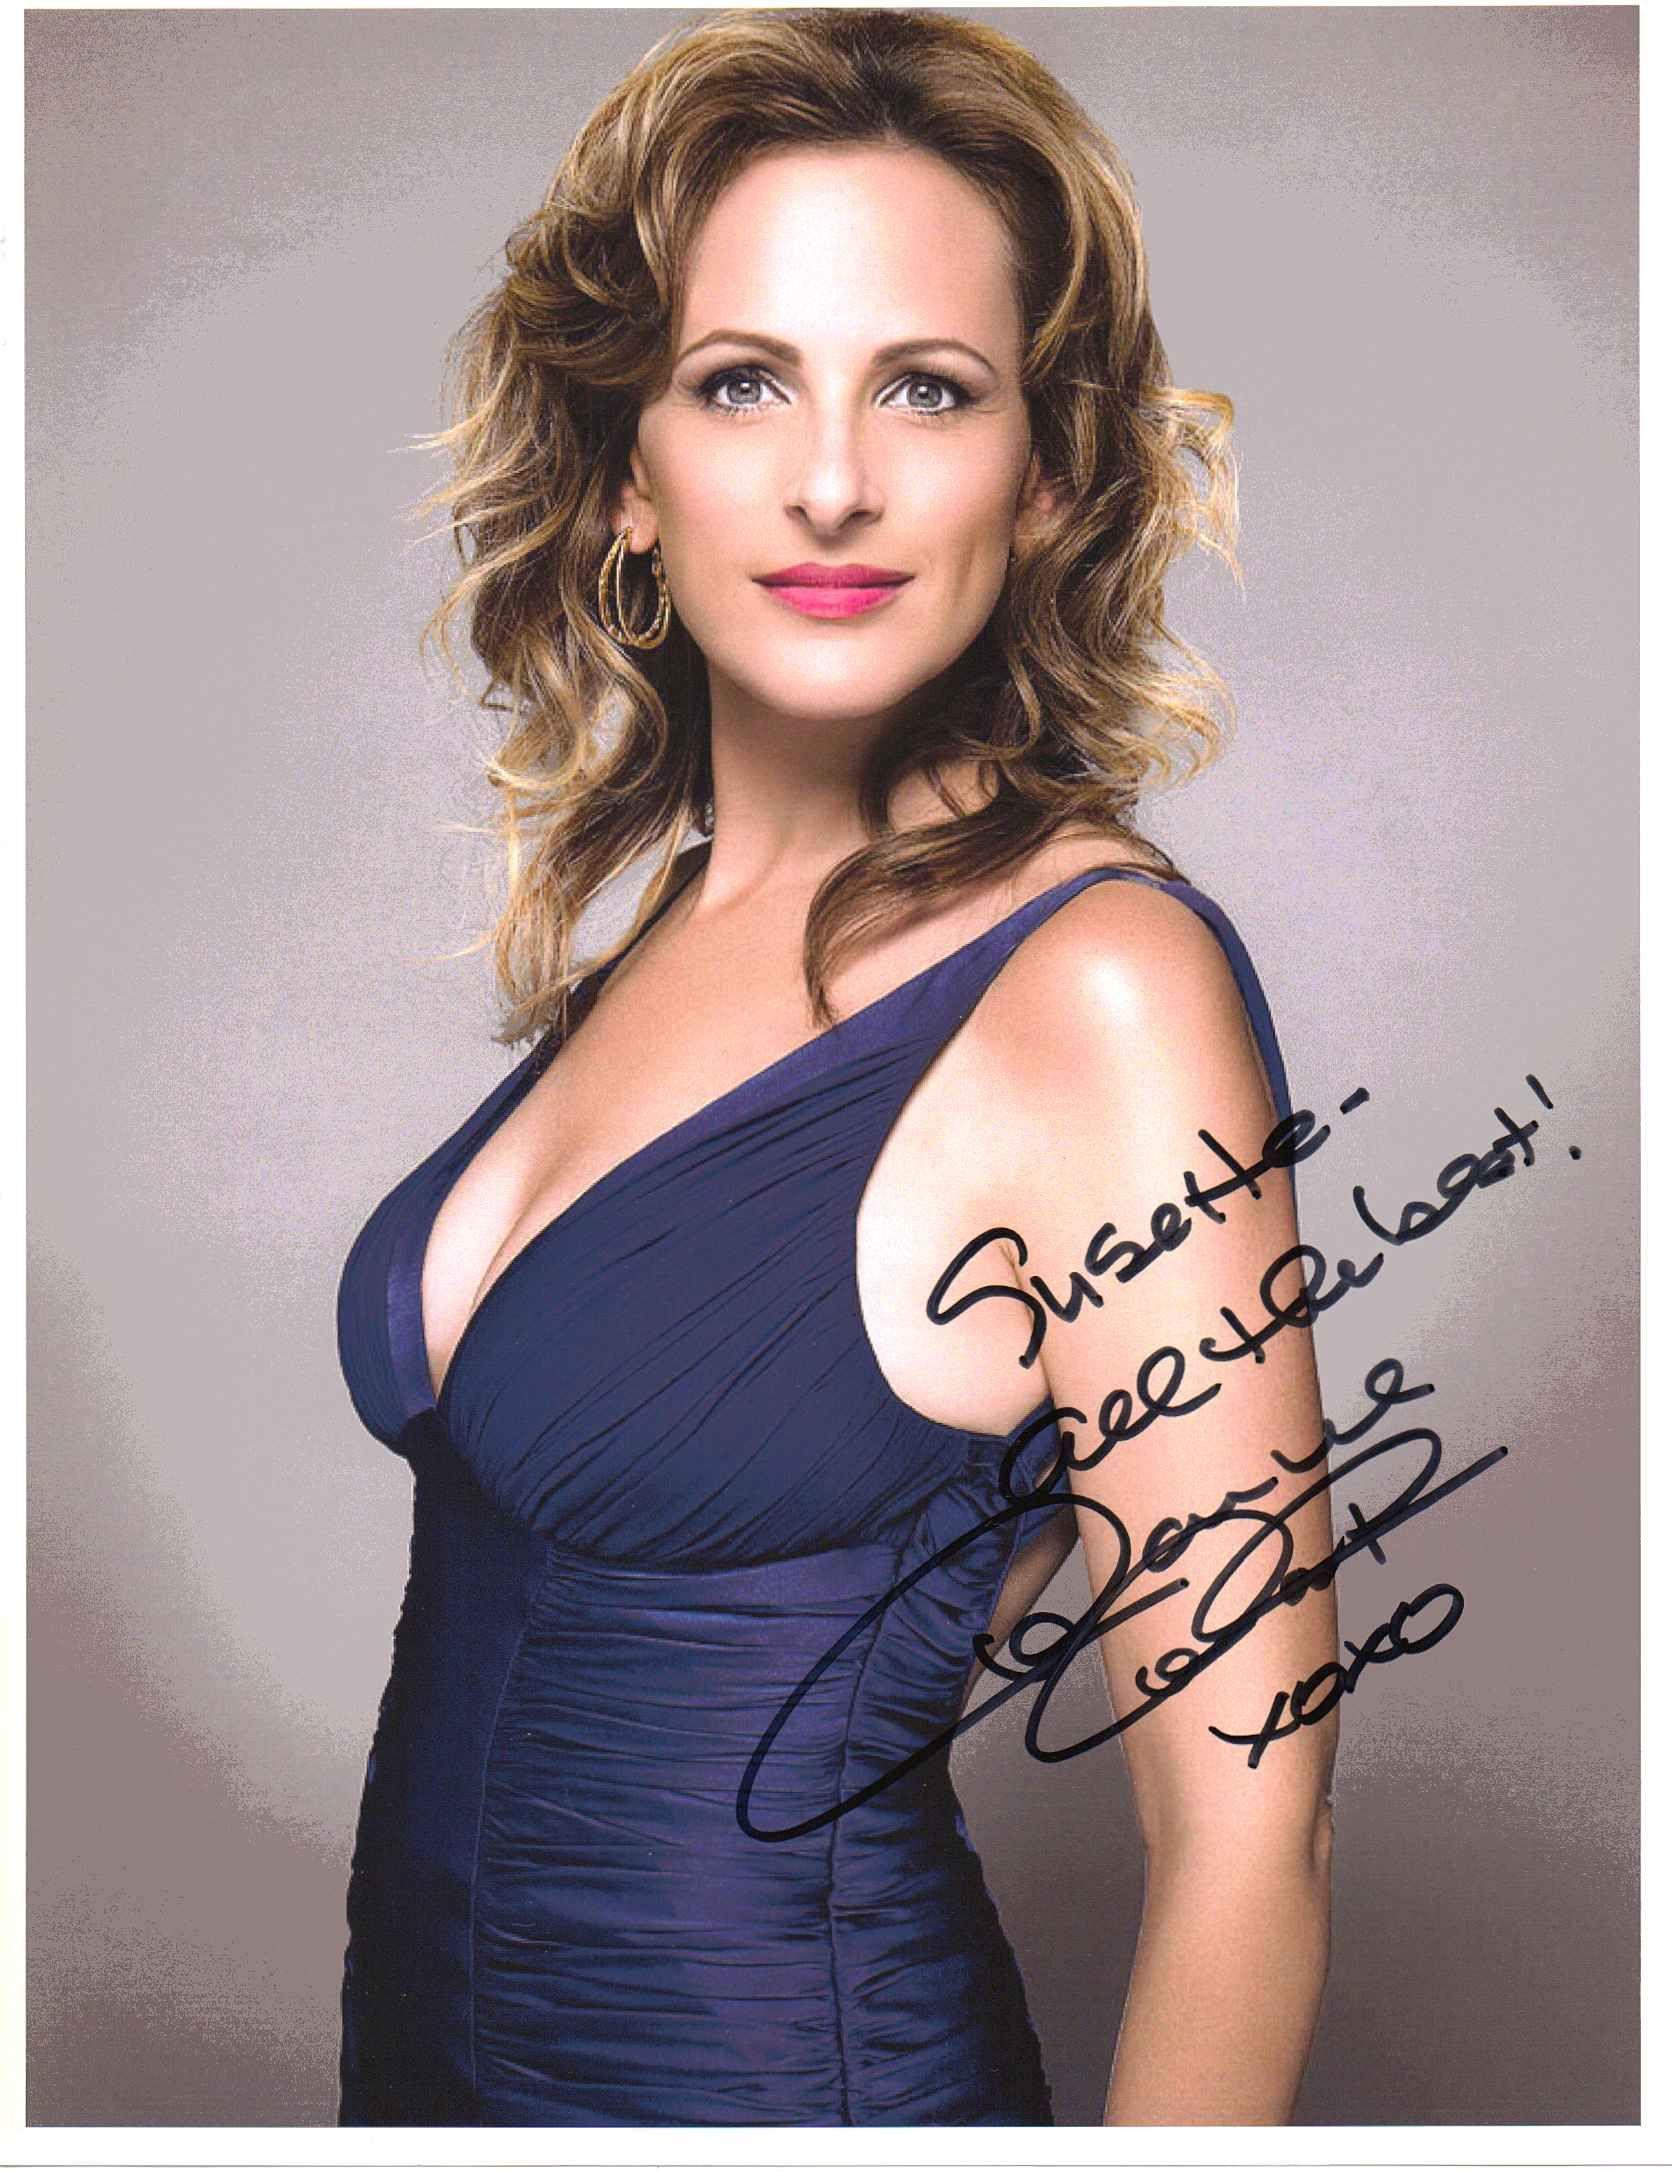 THE ASHRAF BLOG: how to get a celebrity autograph